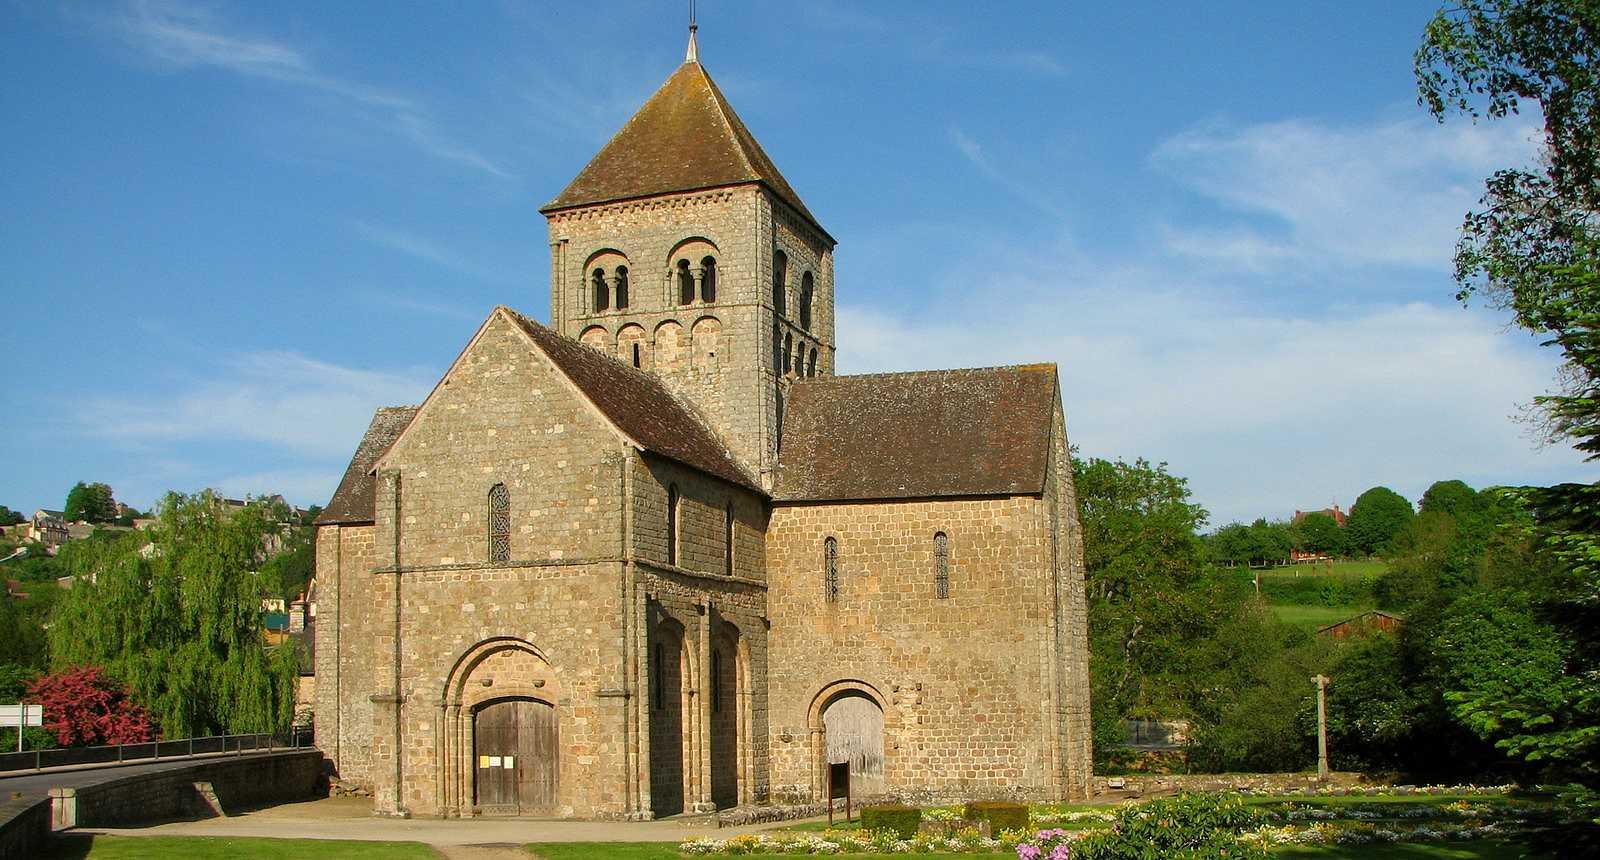 L'église Notre-Dame-sur-L'Eau de Domfront